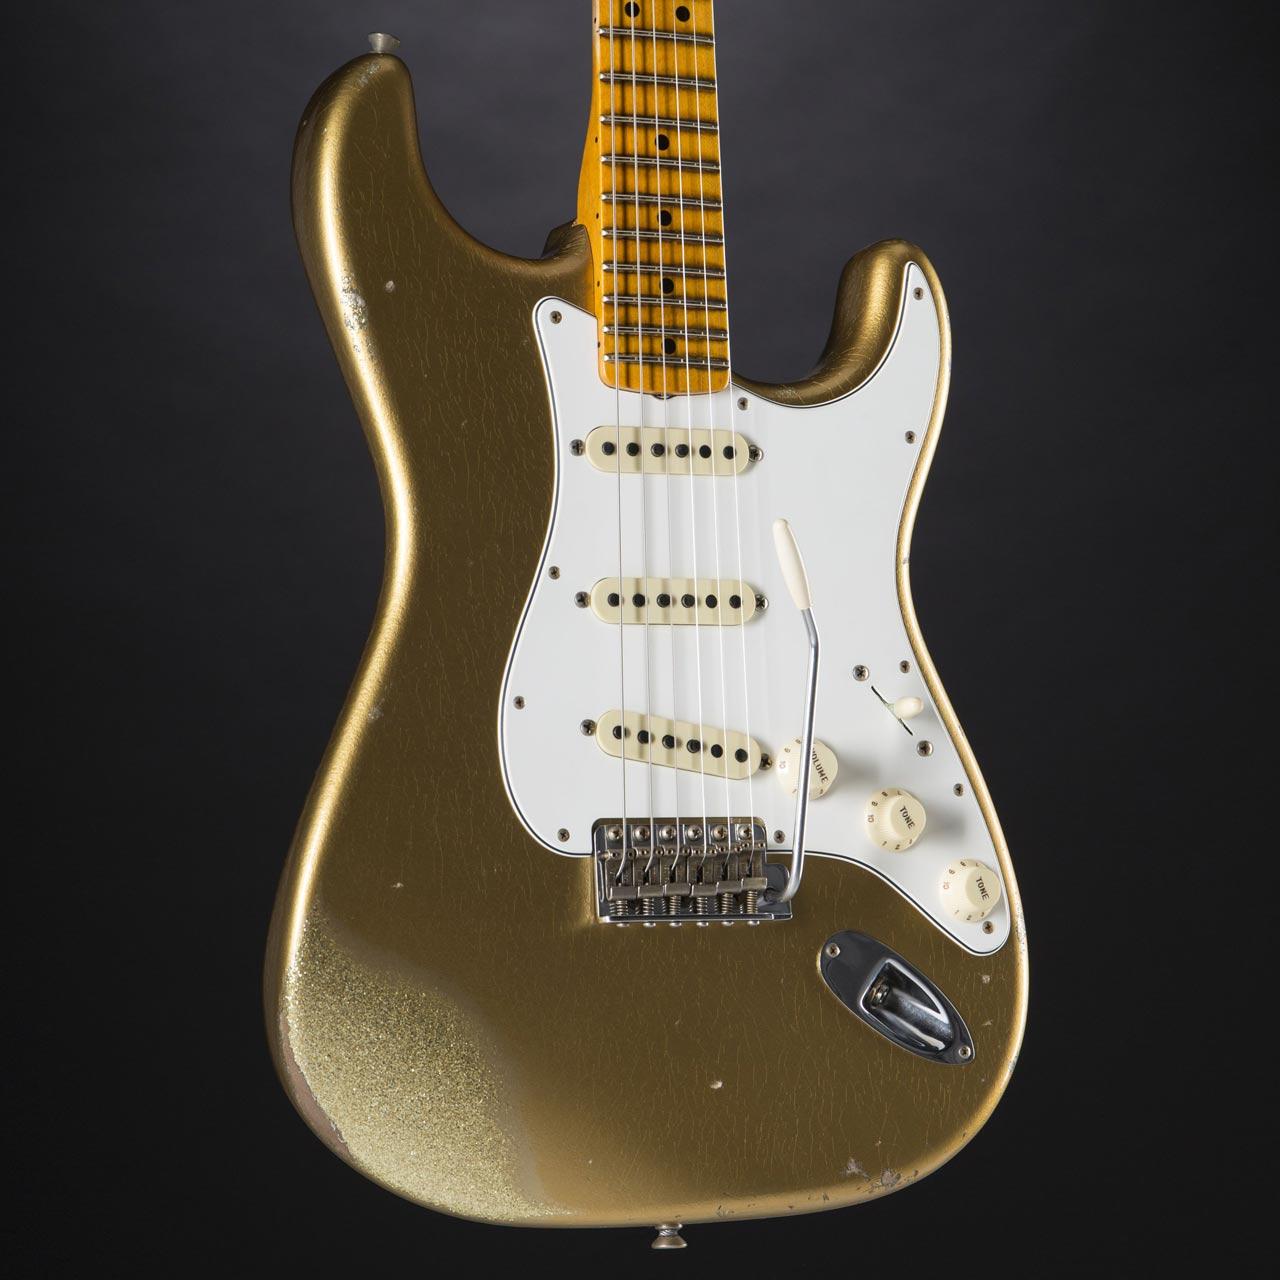 Ausgezeichnet Fender Stratocaster Serie Schaltplan Galerie - Der ...